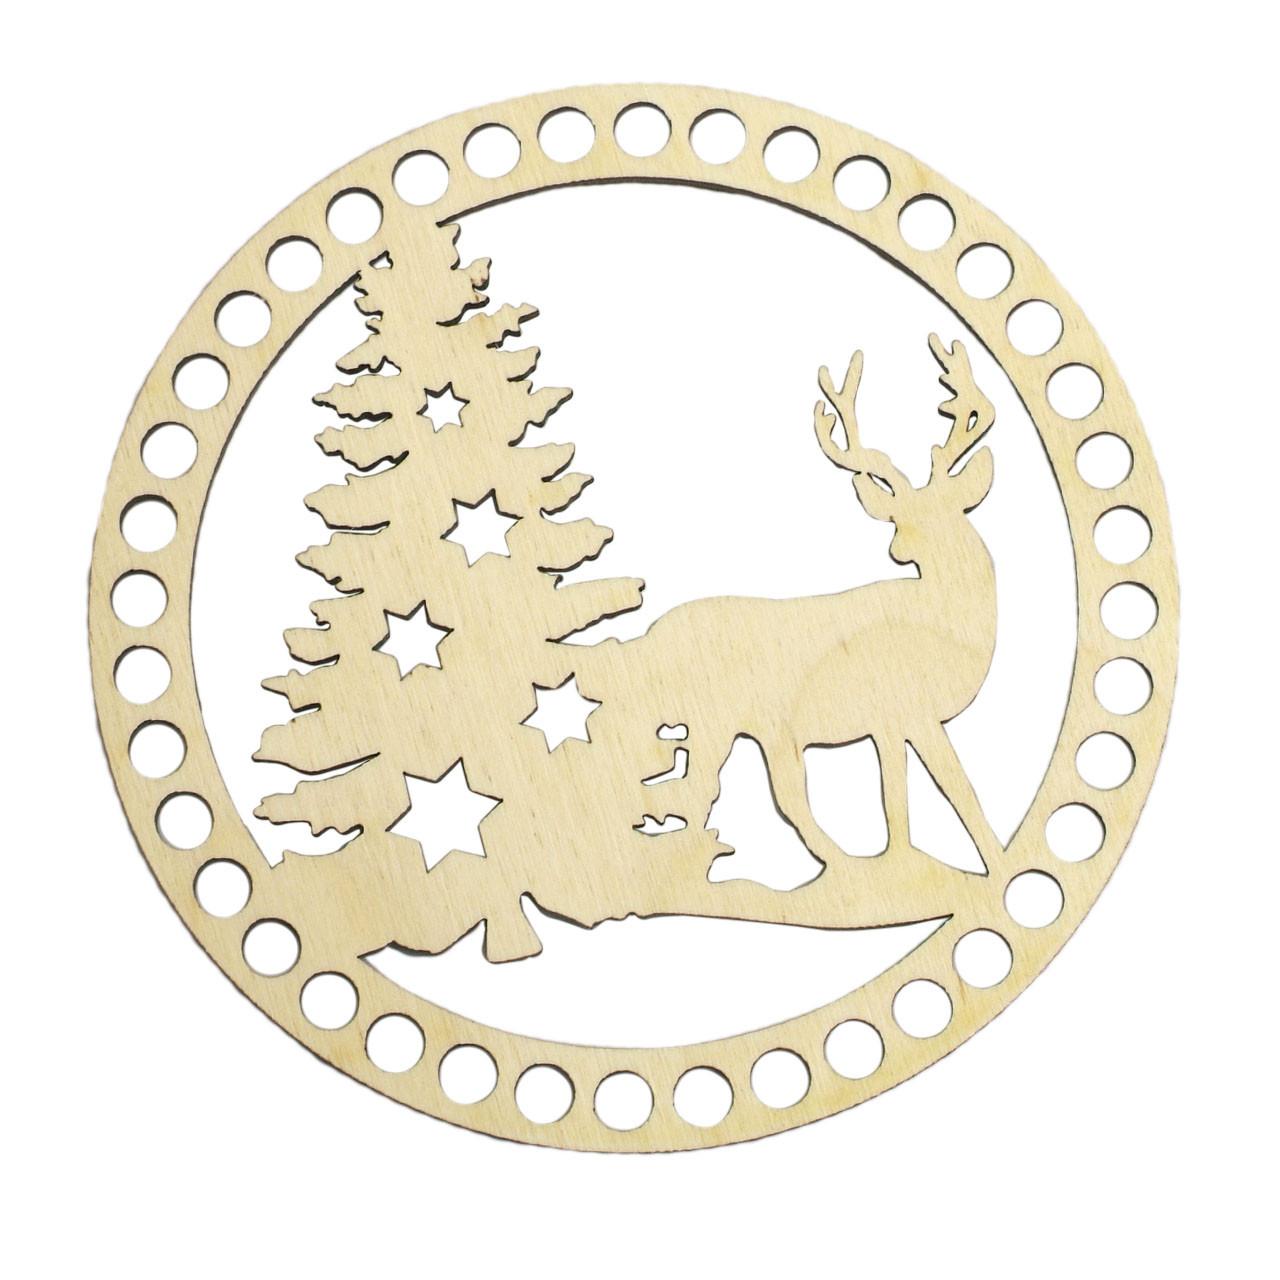 Донышко Ажурное Круглое Ø 15 см (Ø отверстие 8 мм) Новогодняя сказка.